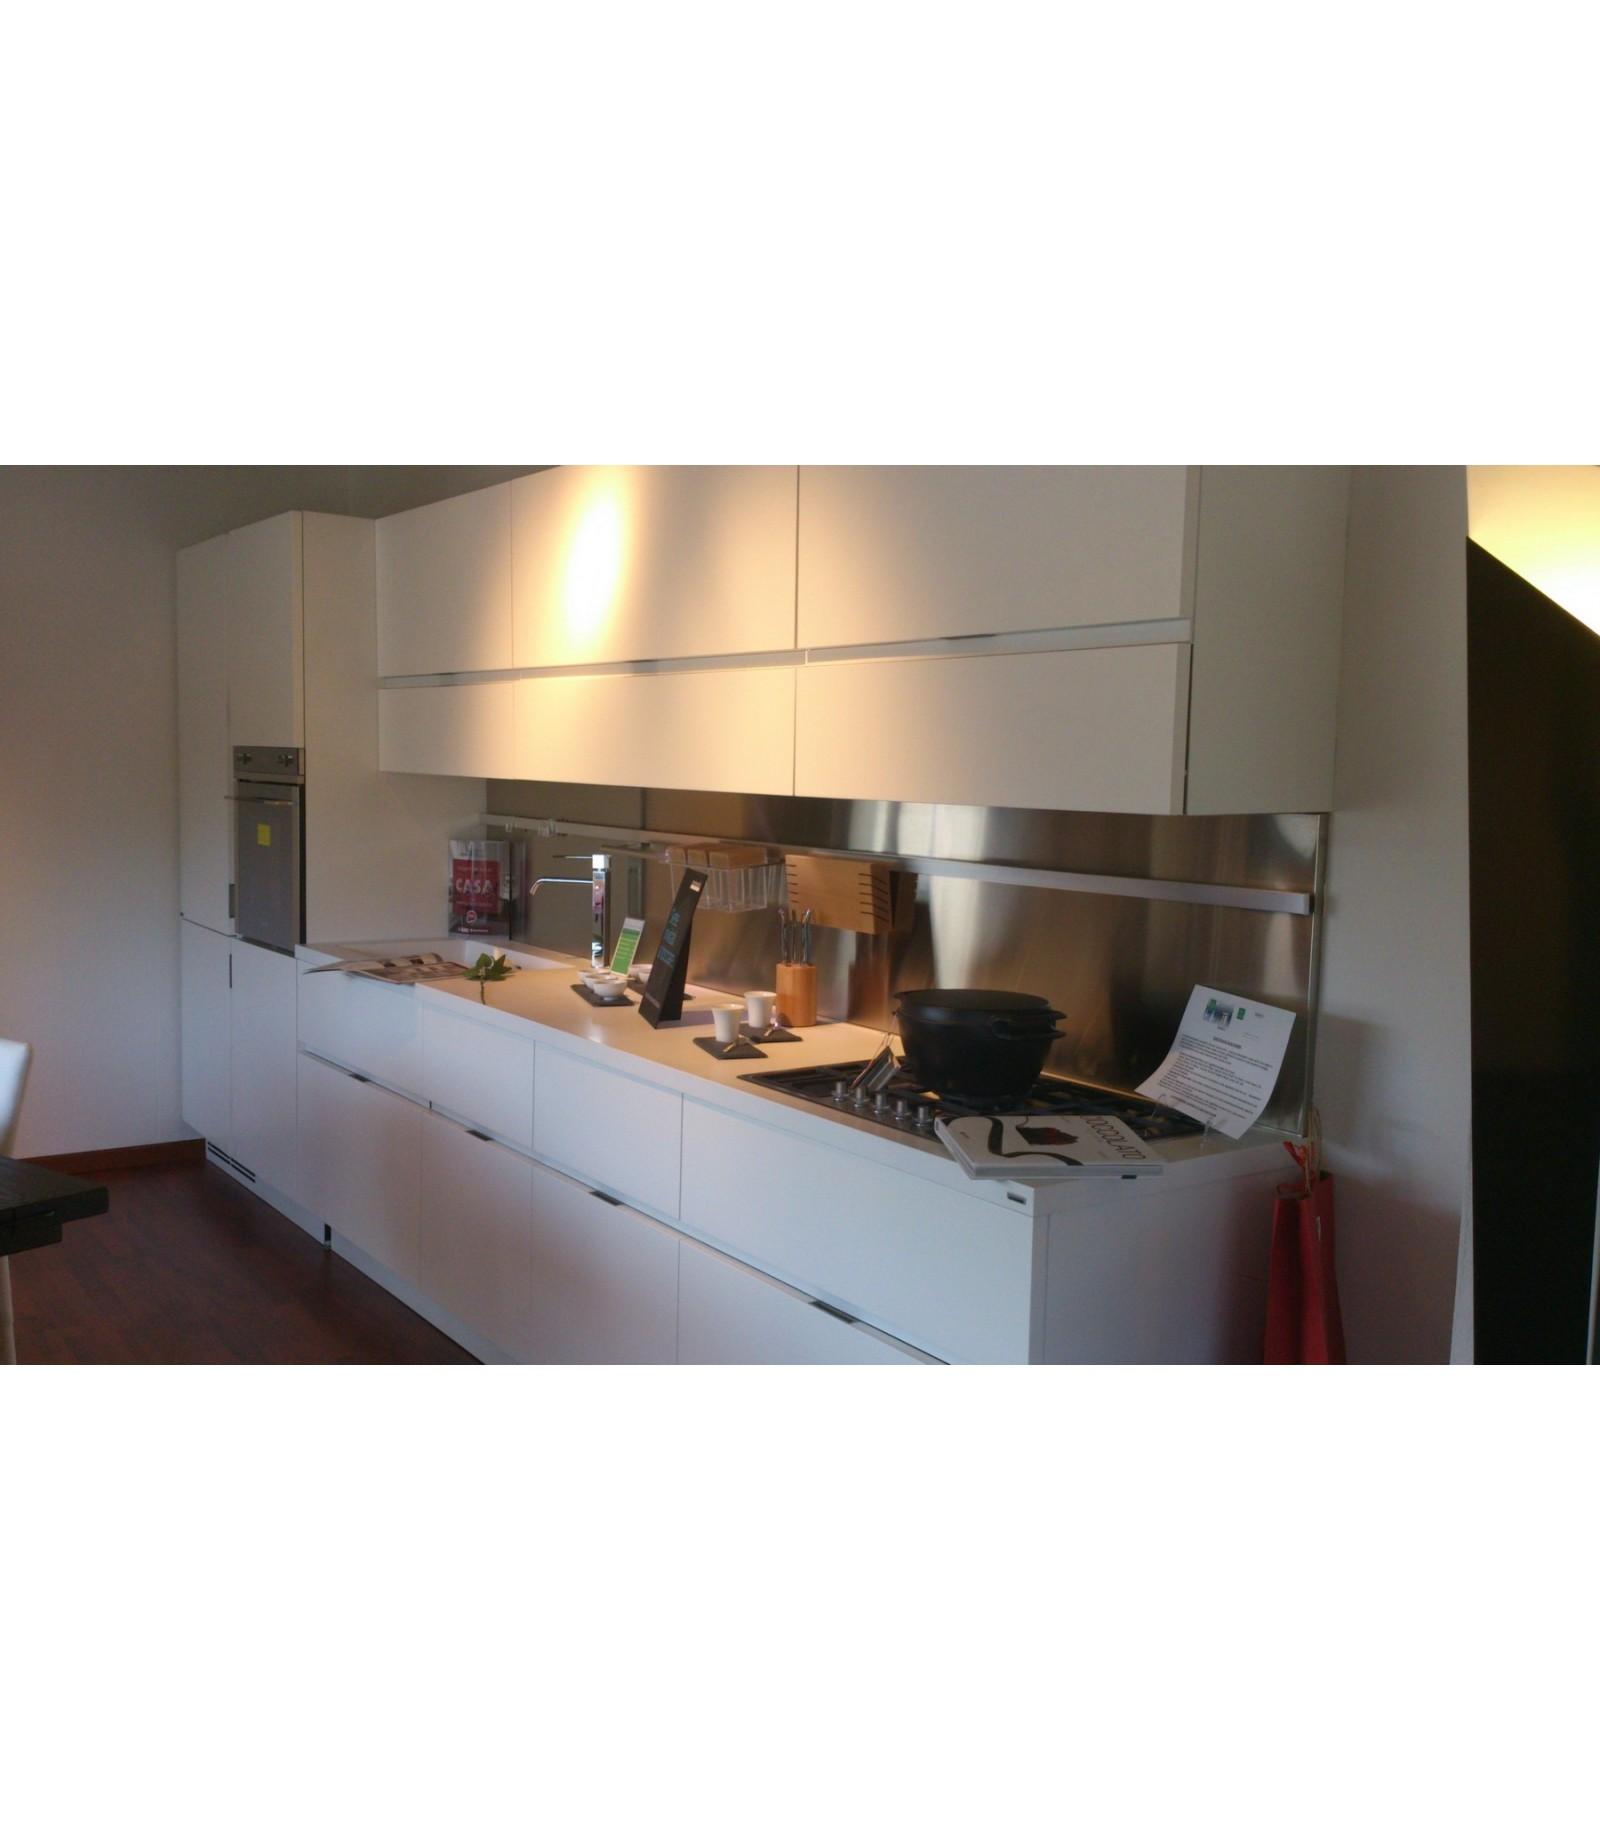 Cucina Elektra Ernestomeda - outlet cucine - Mariotti Casa